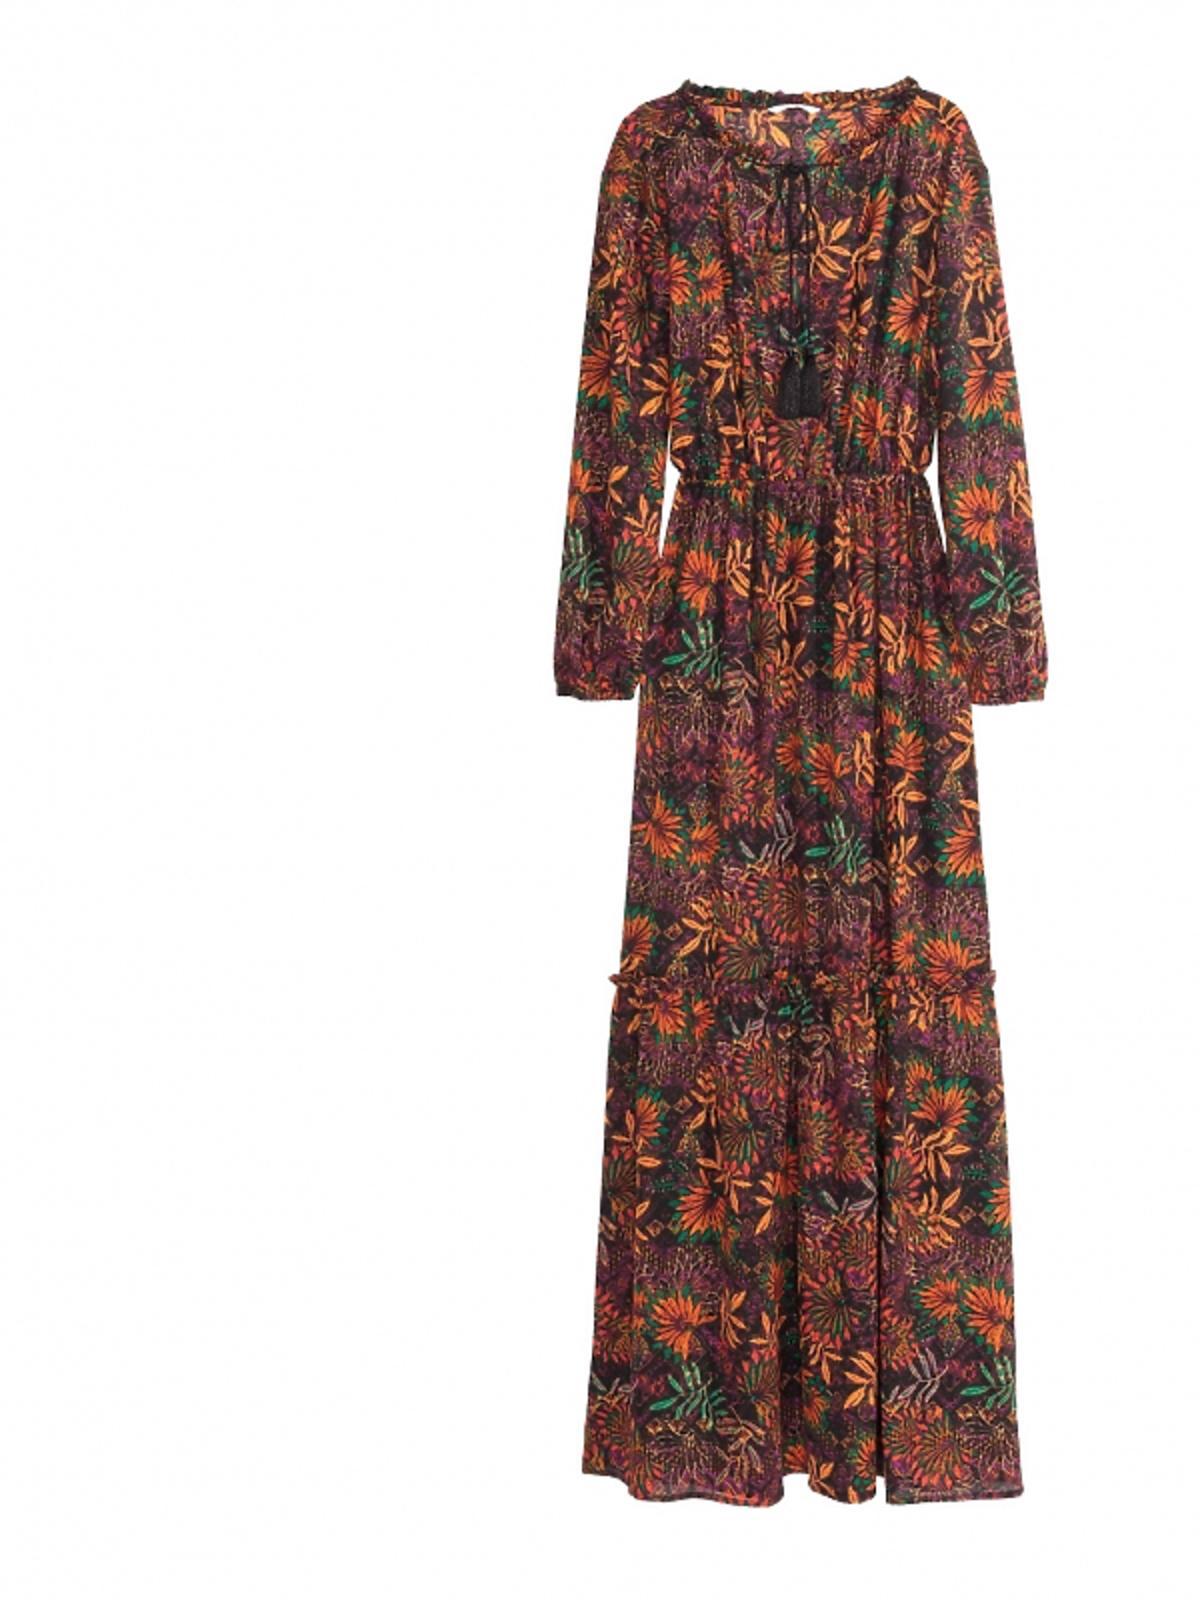 długa sukienka w odcieniach brązu,zieleni,fioletu i rudości